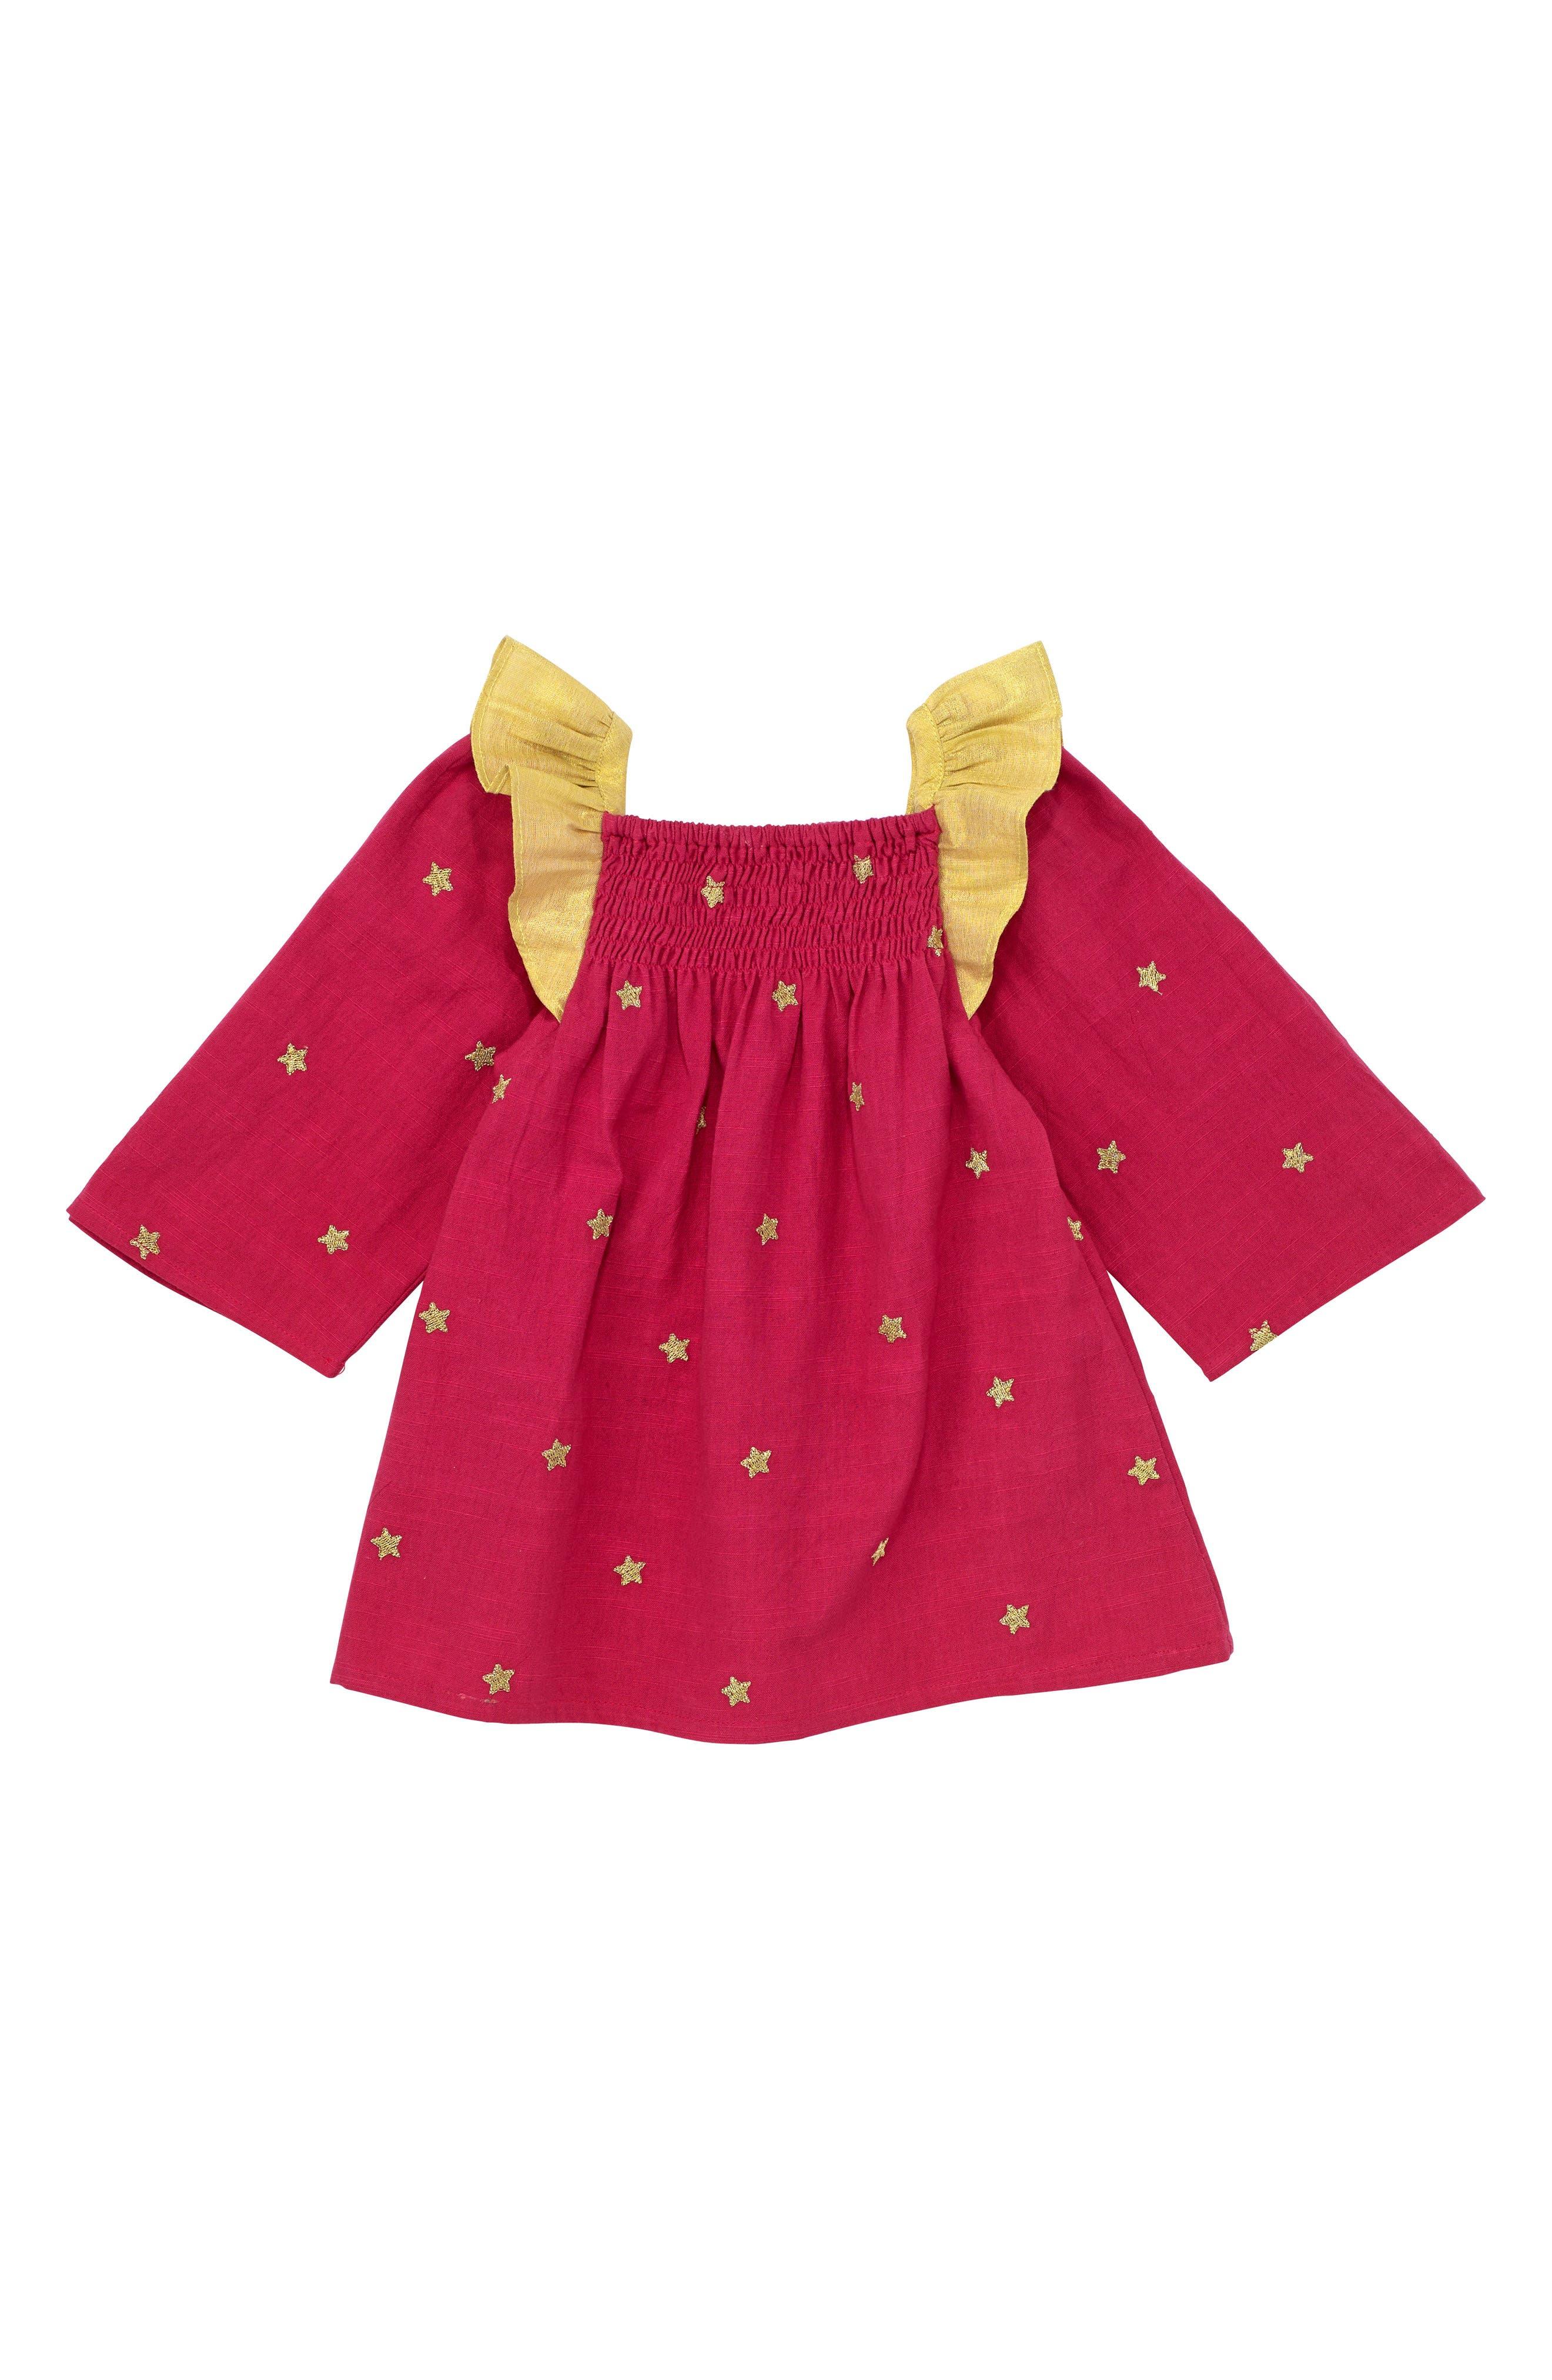 Main Image - Masalababy Galaxy Star Flutter Sleeve Dress (Toddler Girls, Little Girls & Big Girls)